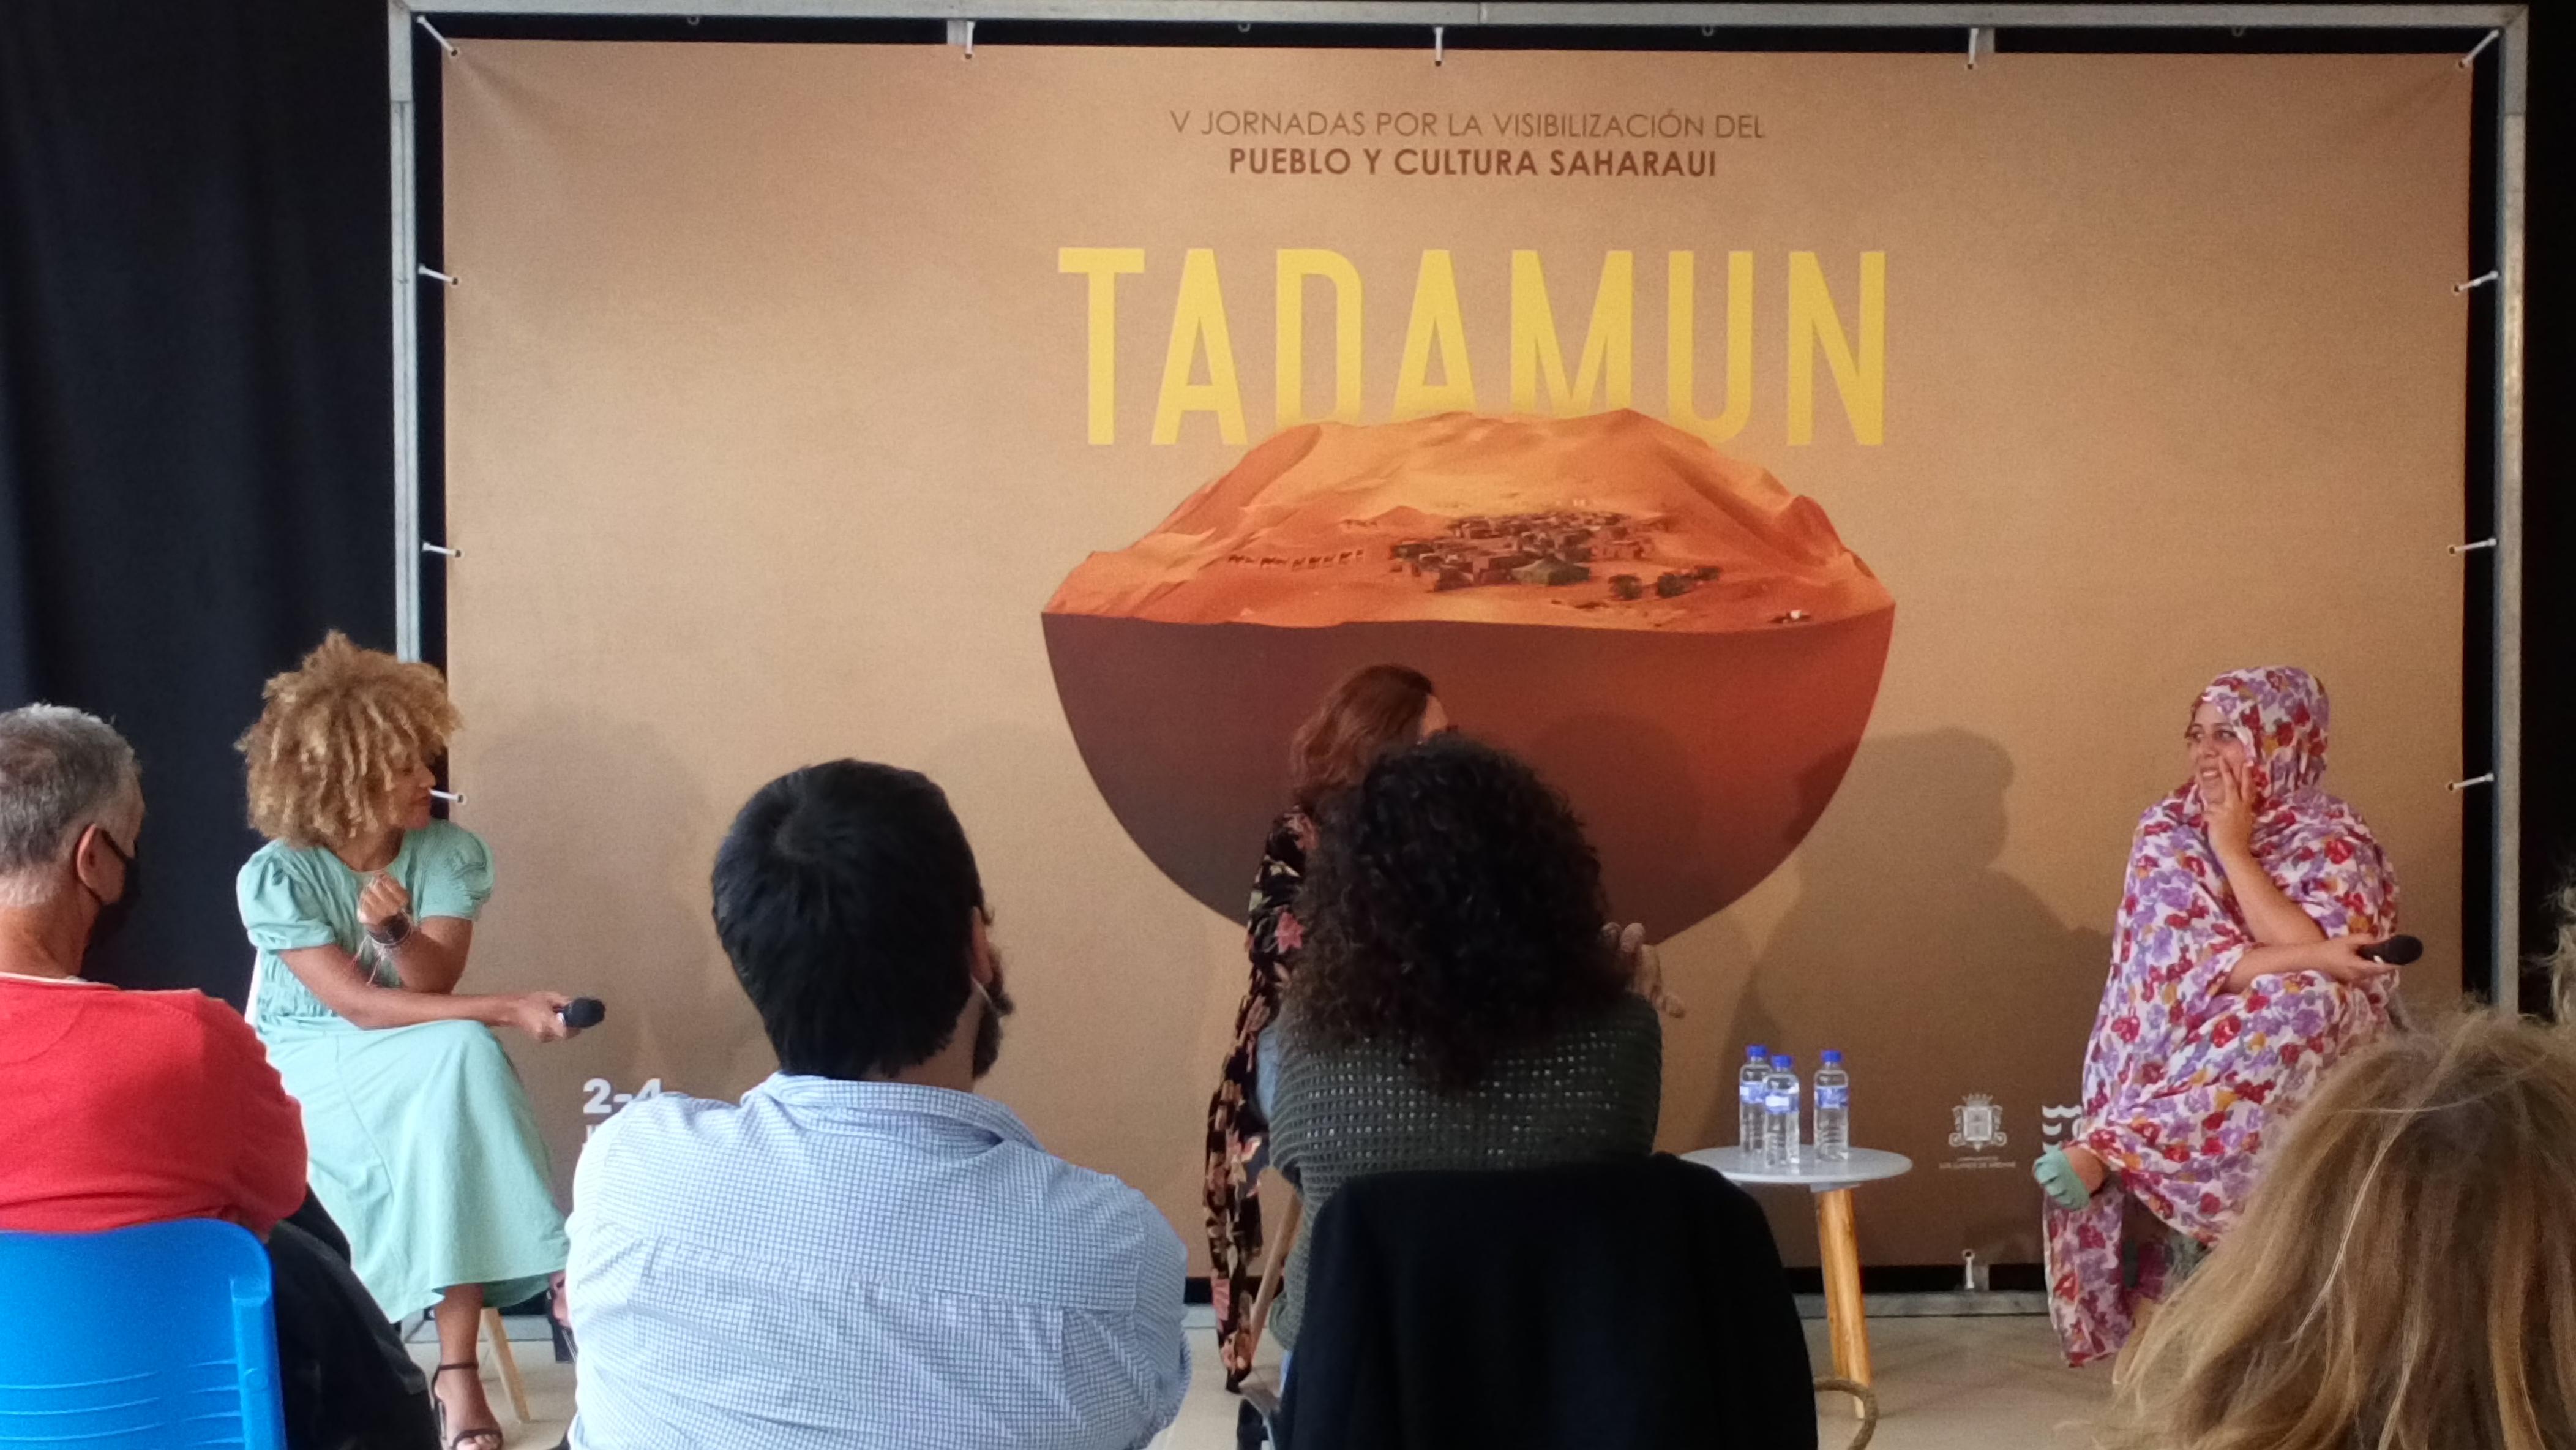 TADAMUN: EL COMPROMISO DE VISIBILIZAR AL PUEBLO SAHARAUI Y SU CULTURA